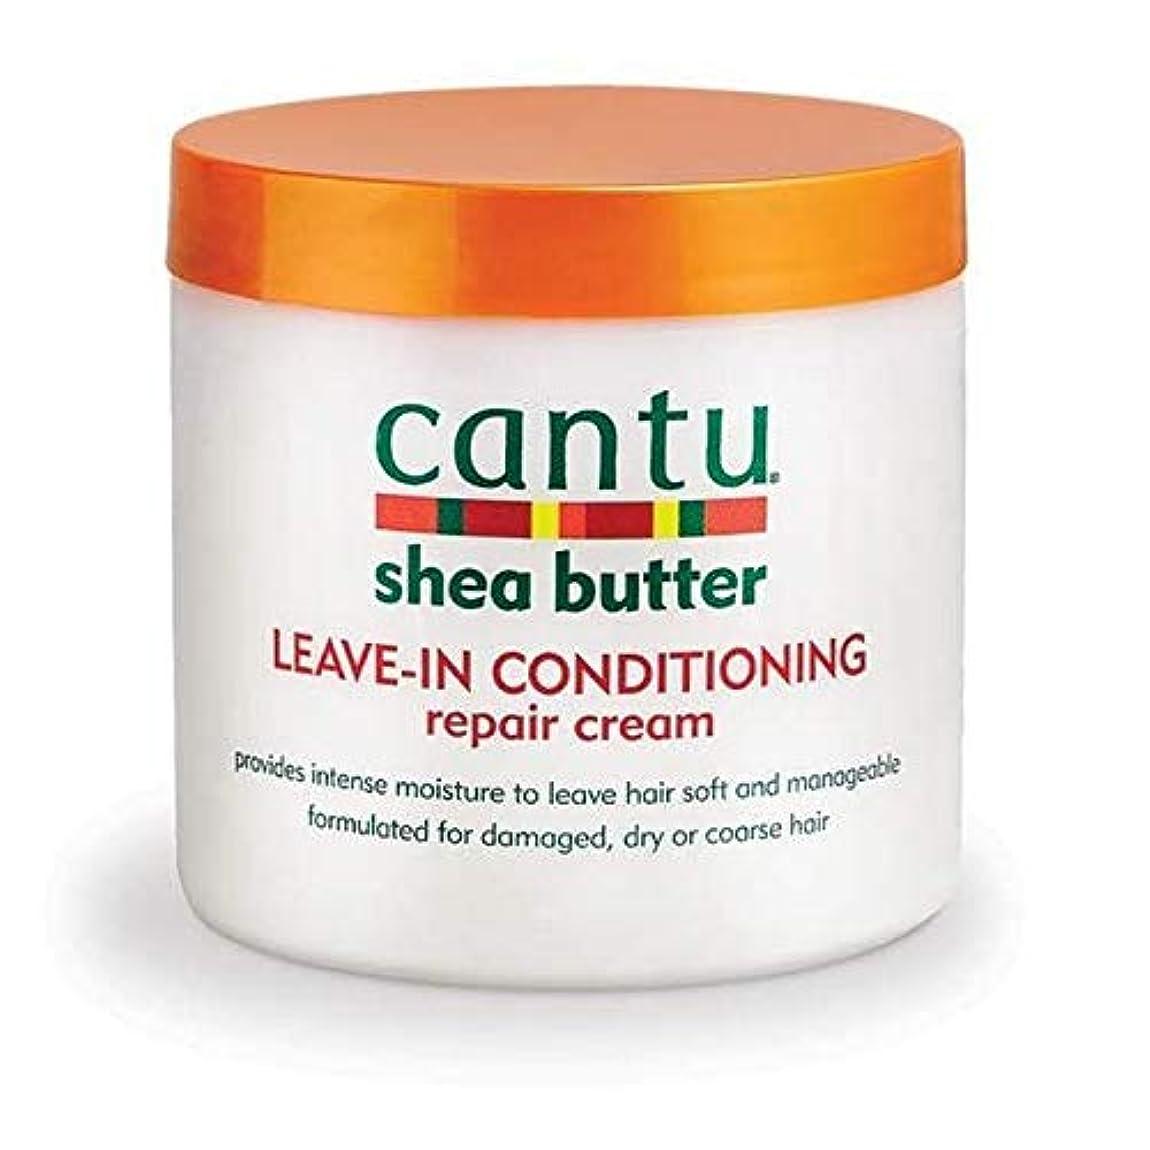 忠実敗北まで[Cantu ] エアコン修理クリーム453グラムでカントゥシアバター休暇 - Cantu Shea Butter Leave in Conditioning Repair Cream 453g [並行輸入品]